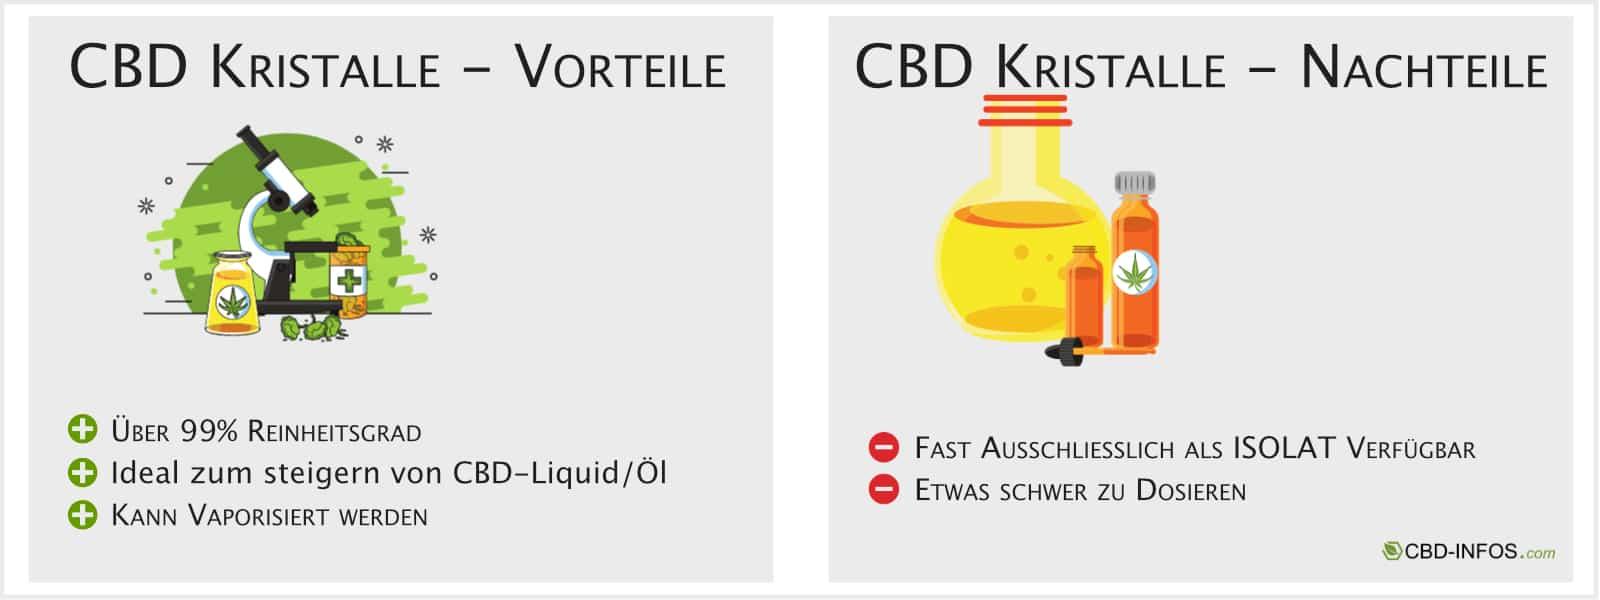 Infografik für CBD Kristalle